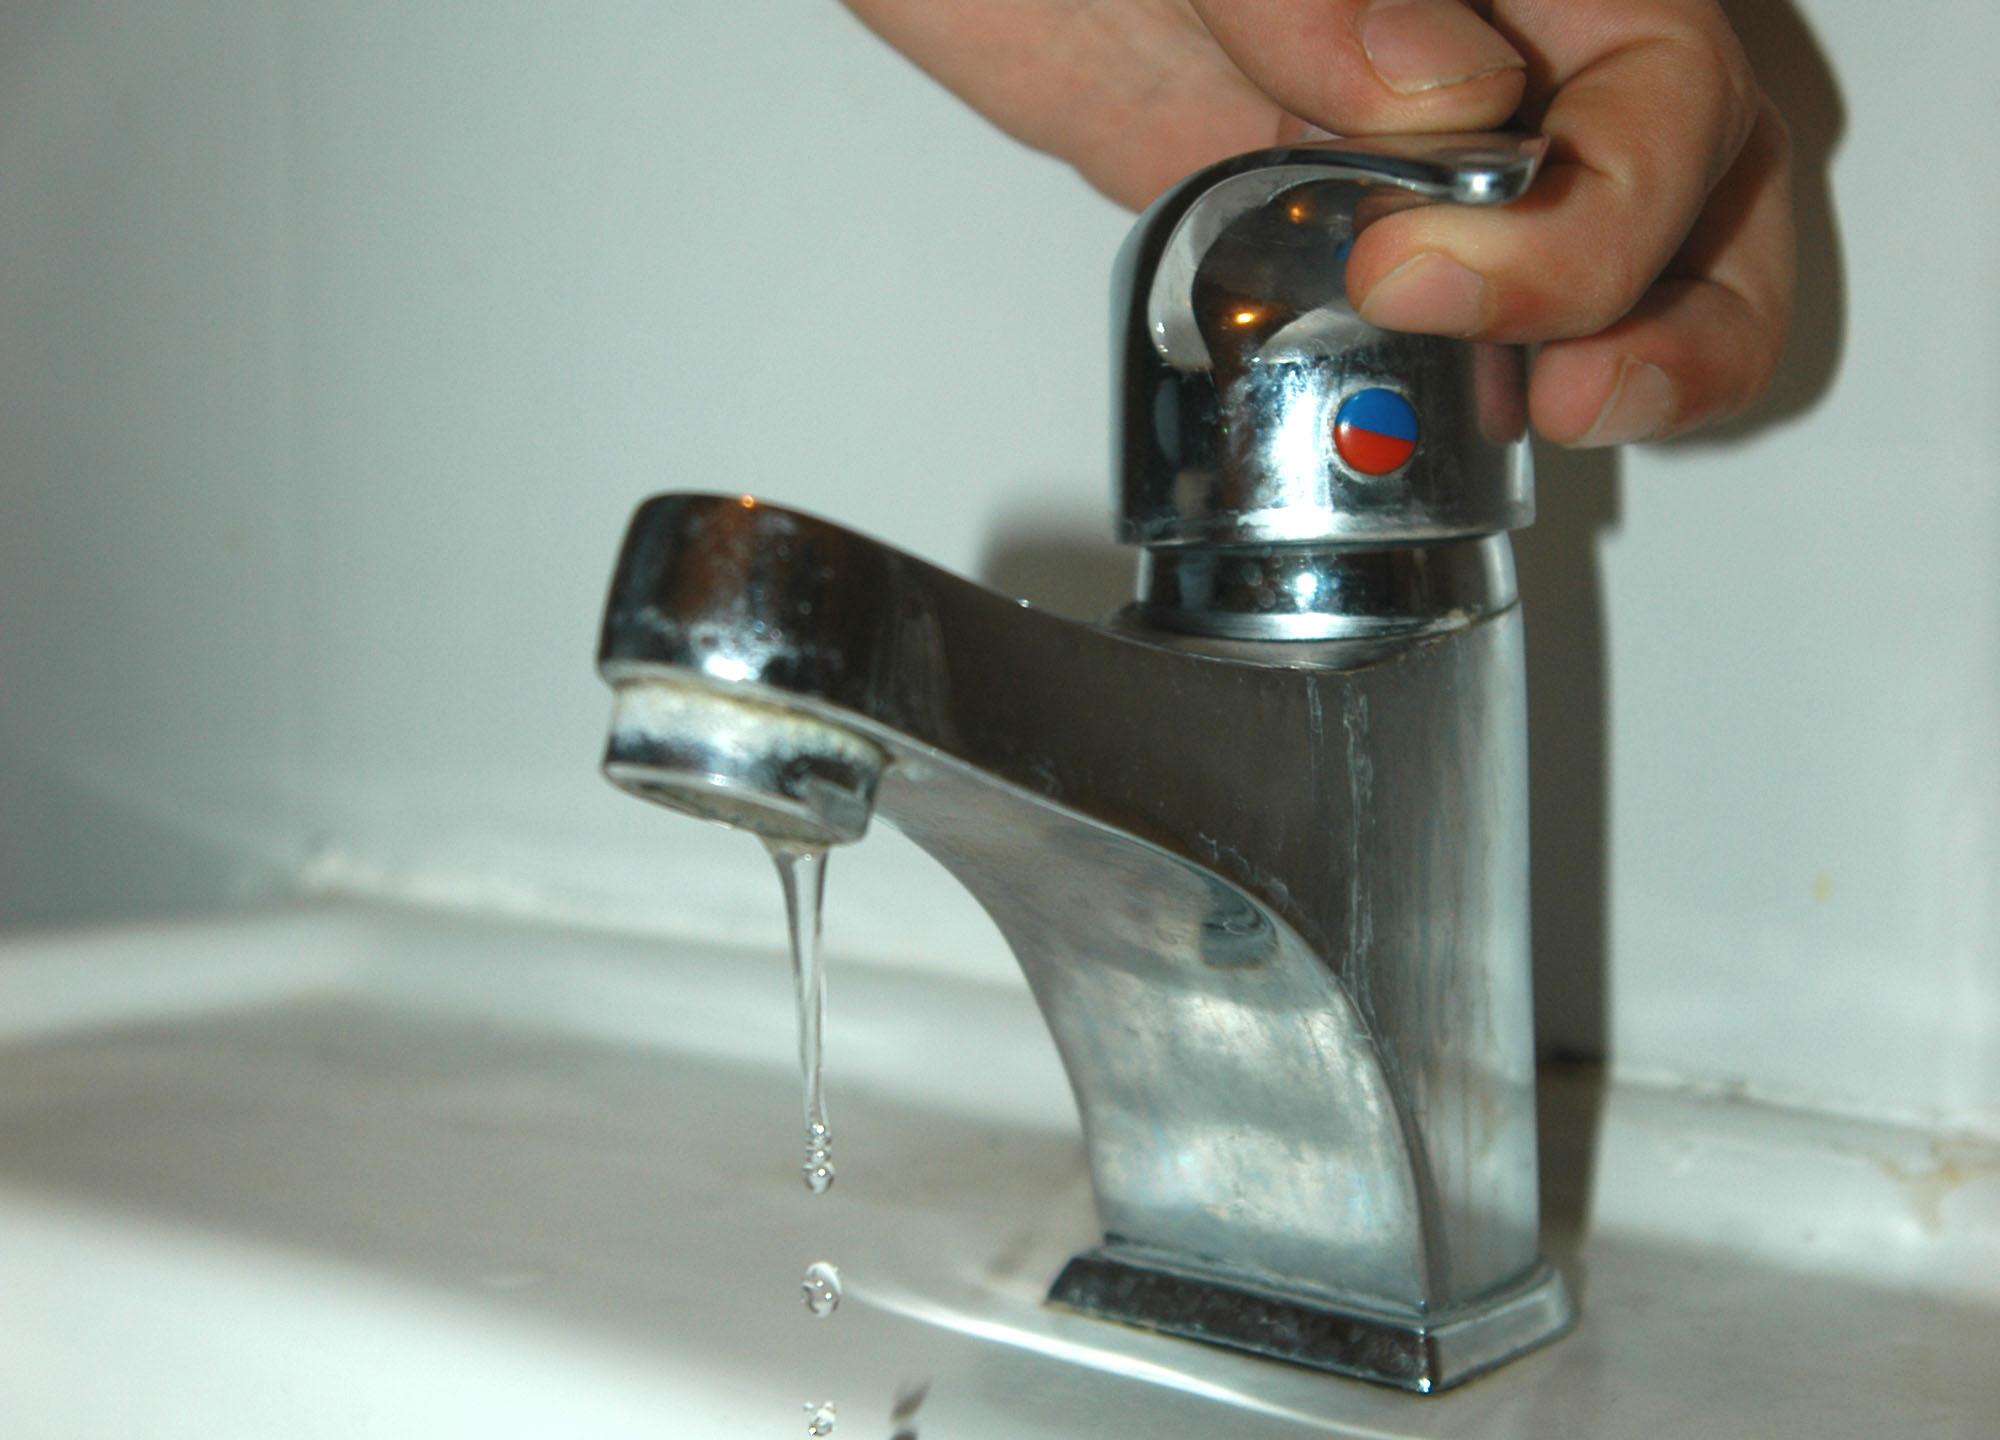 Agrigento senz'acqua per un guasto alla condotta di adduzione